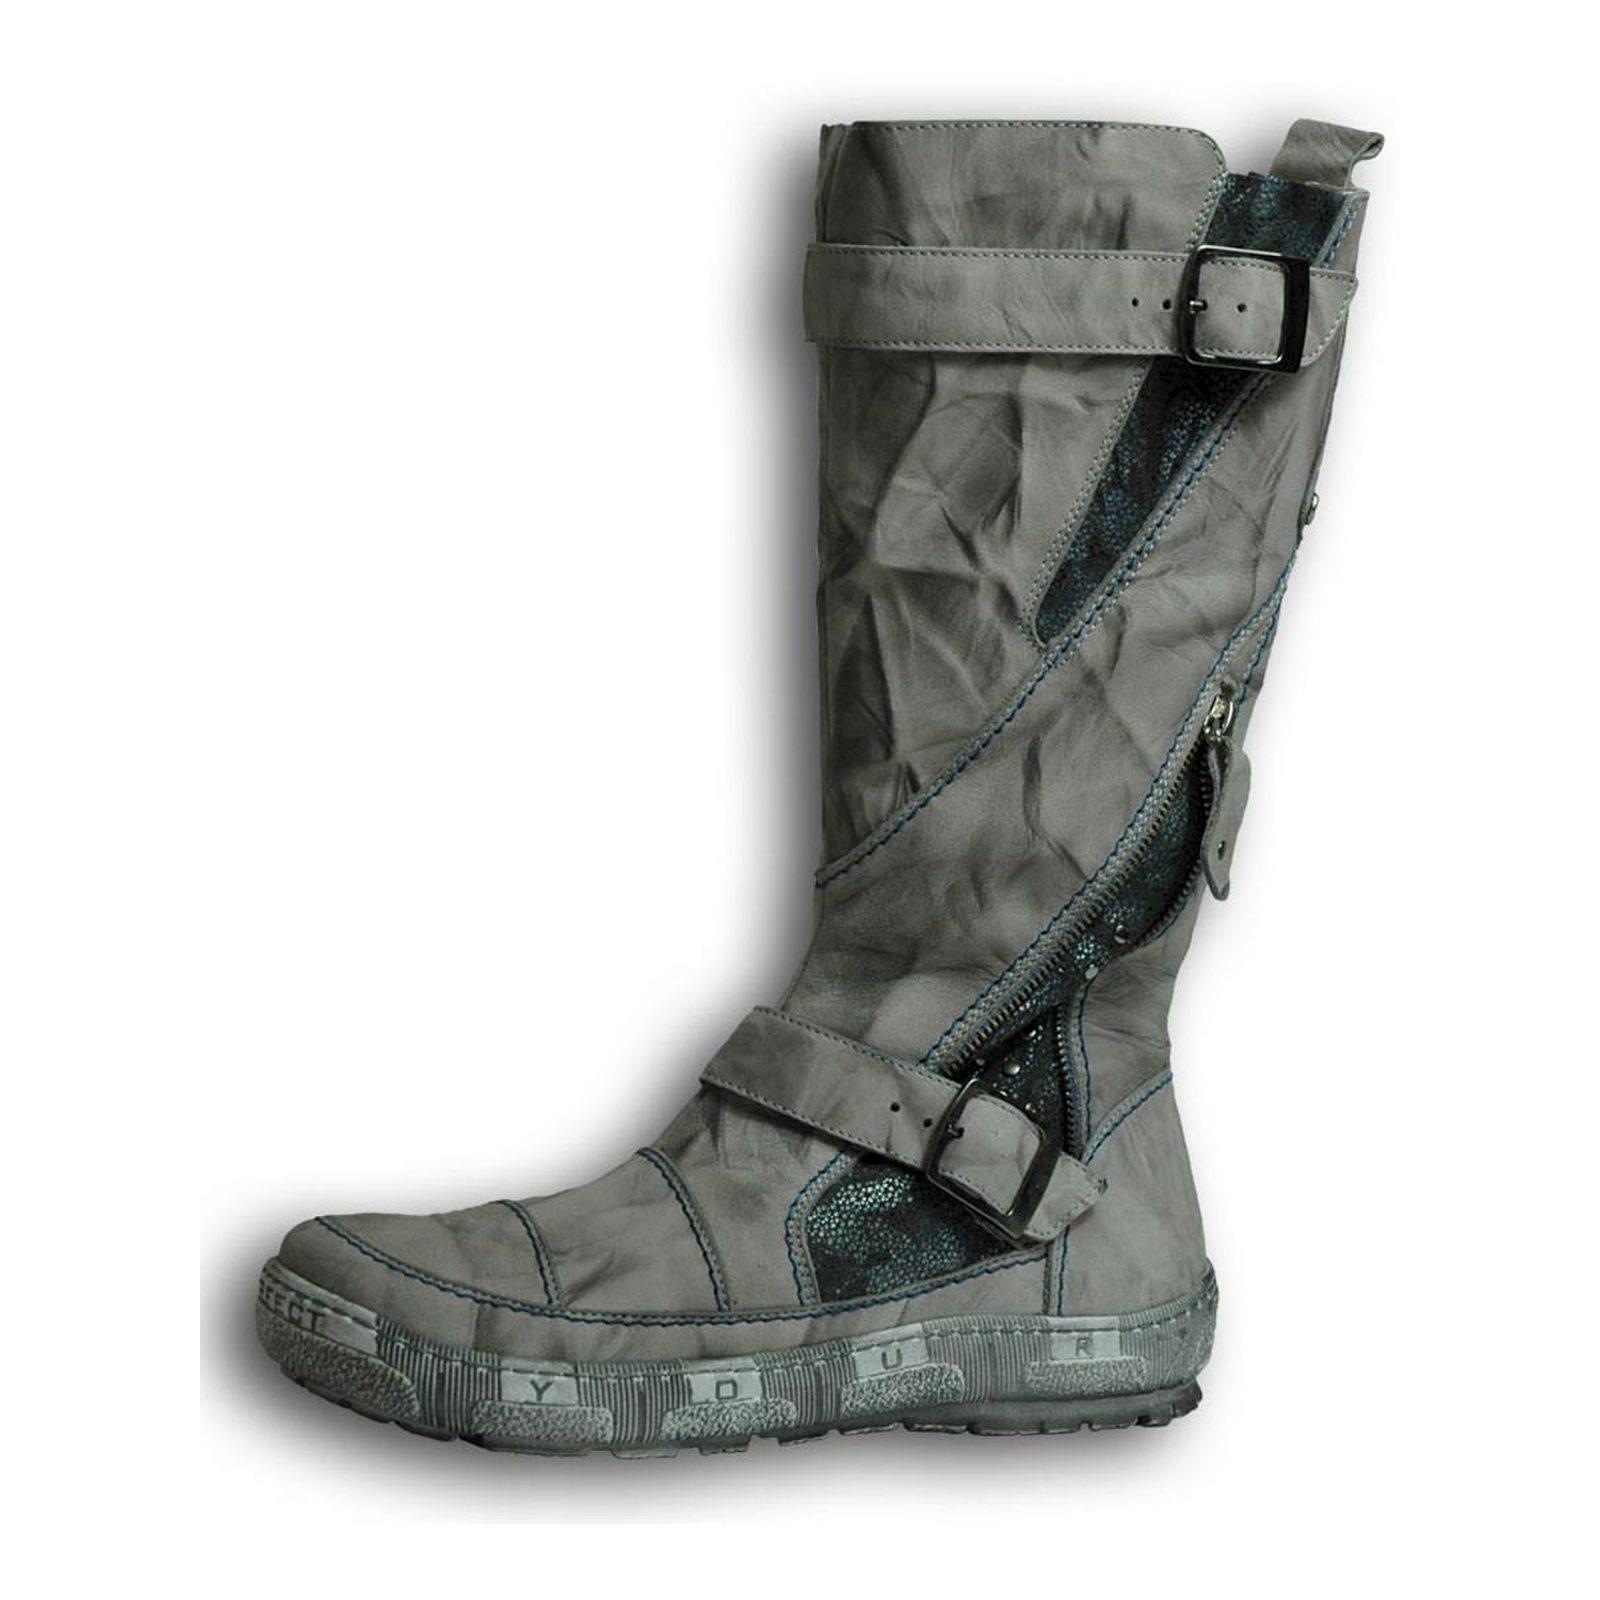 fermeture à avec grises pour sur Détails bottes femmes glissière Krisbut RjqcS354AL